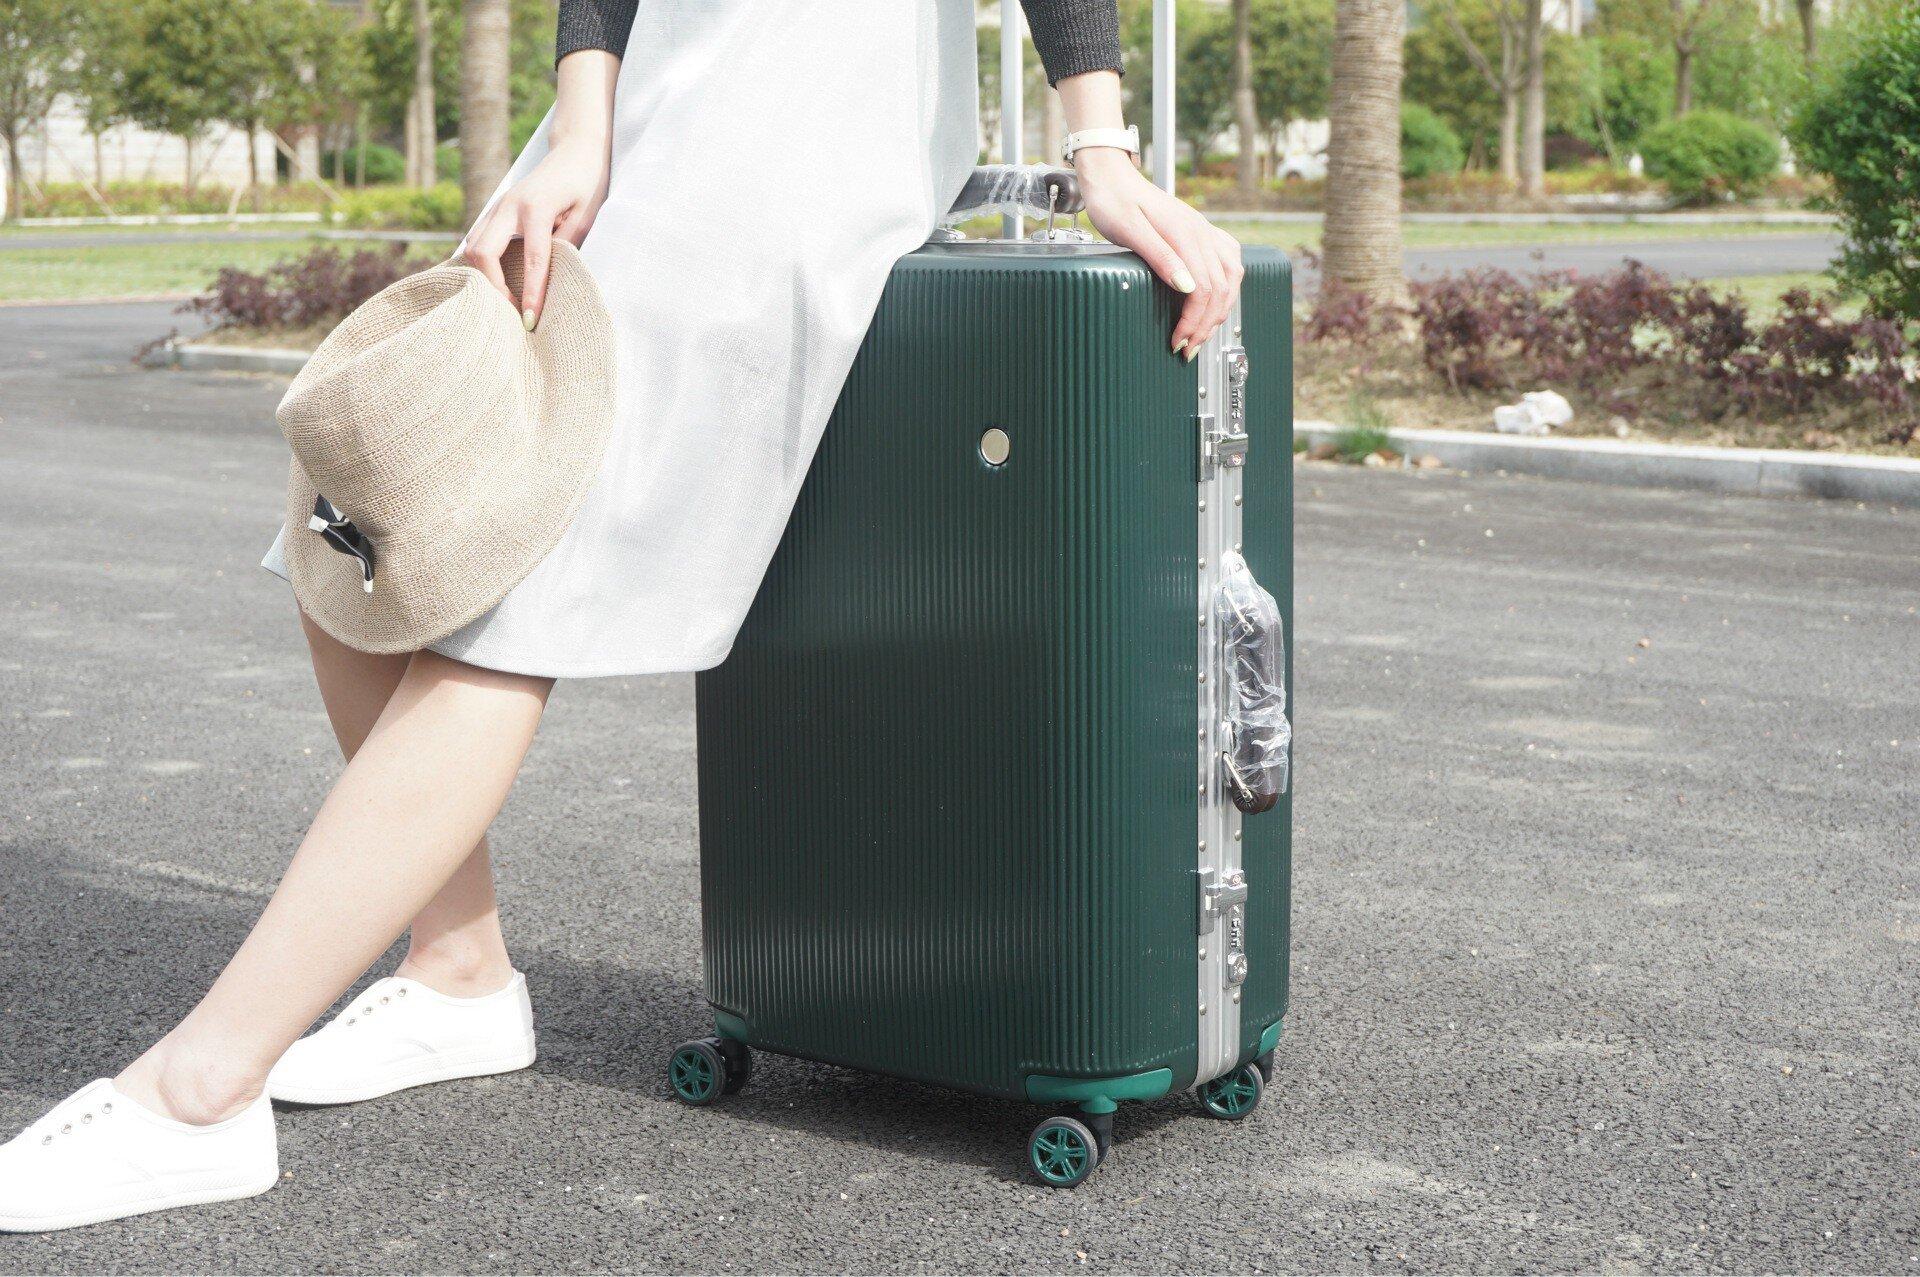 Độ bền của vali nhựa hỗ trợ bạn nhiều hơn trong những chuyến du lịch